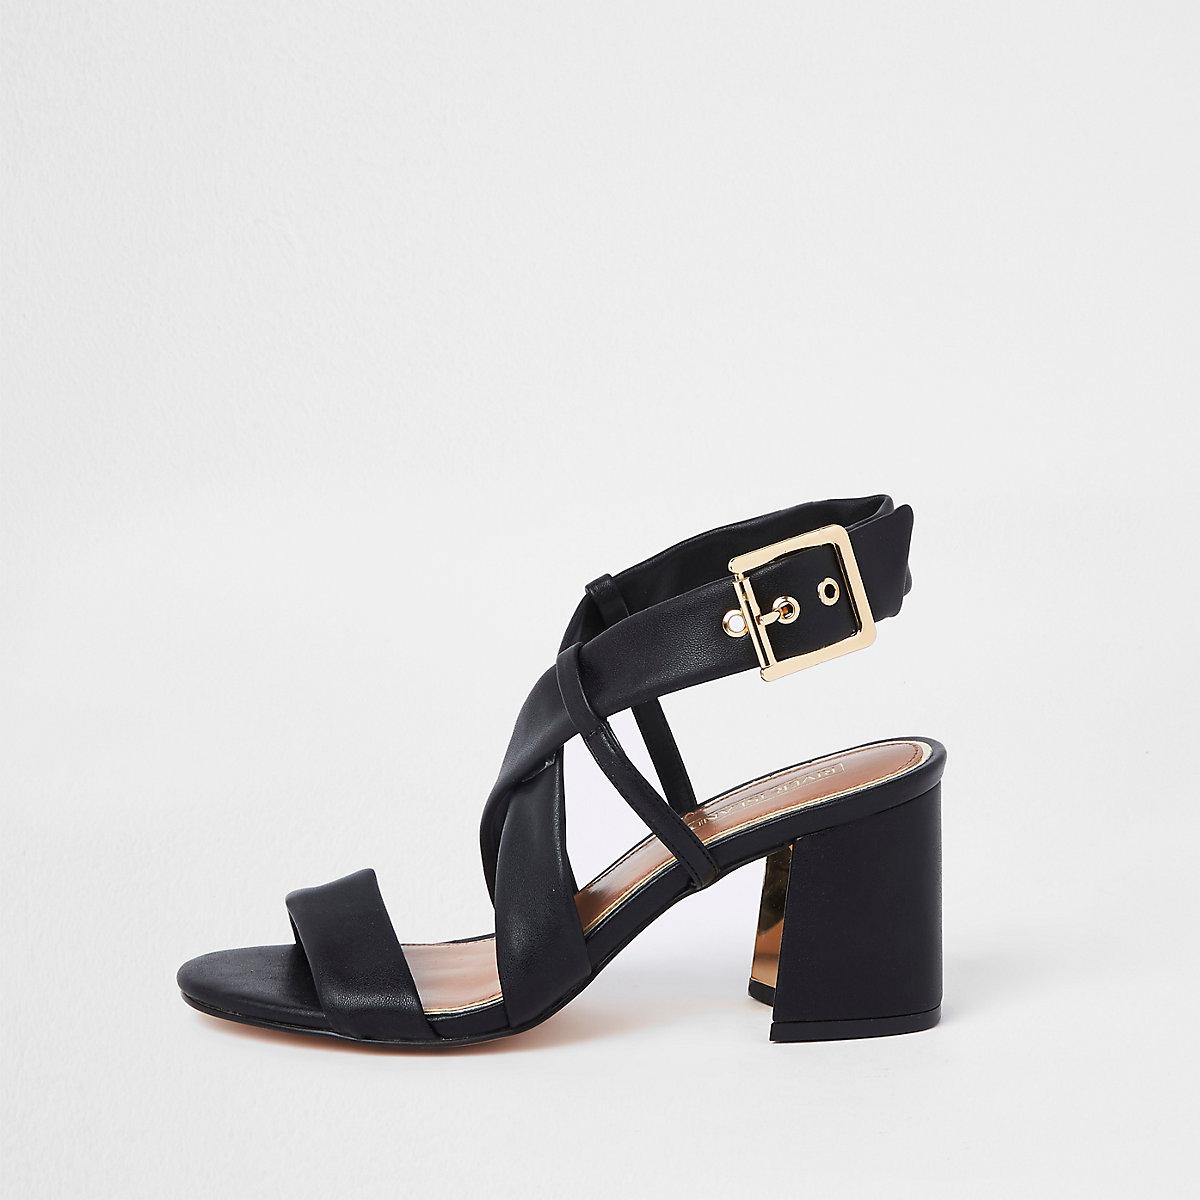 Zwarte sandalen met gekruiste bandjes en blokhak